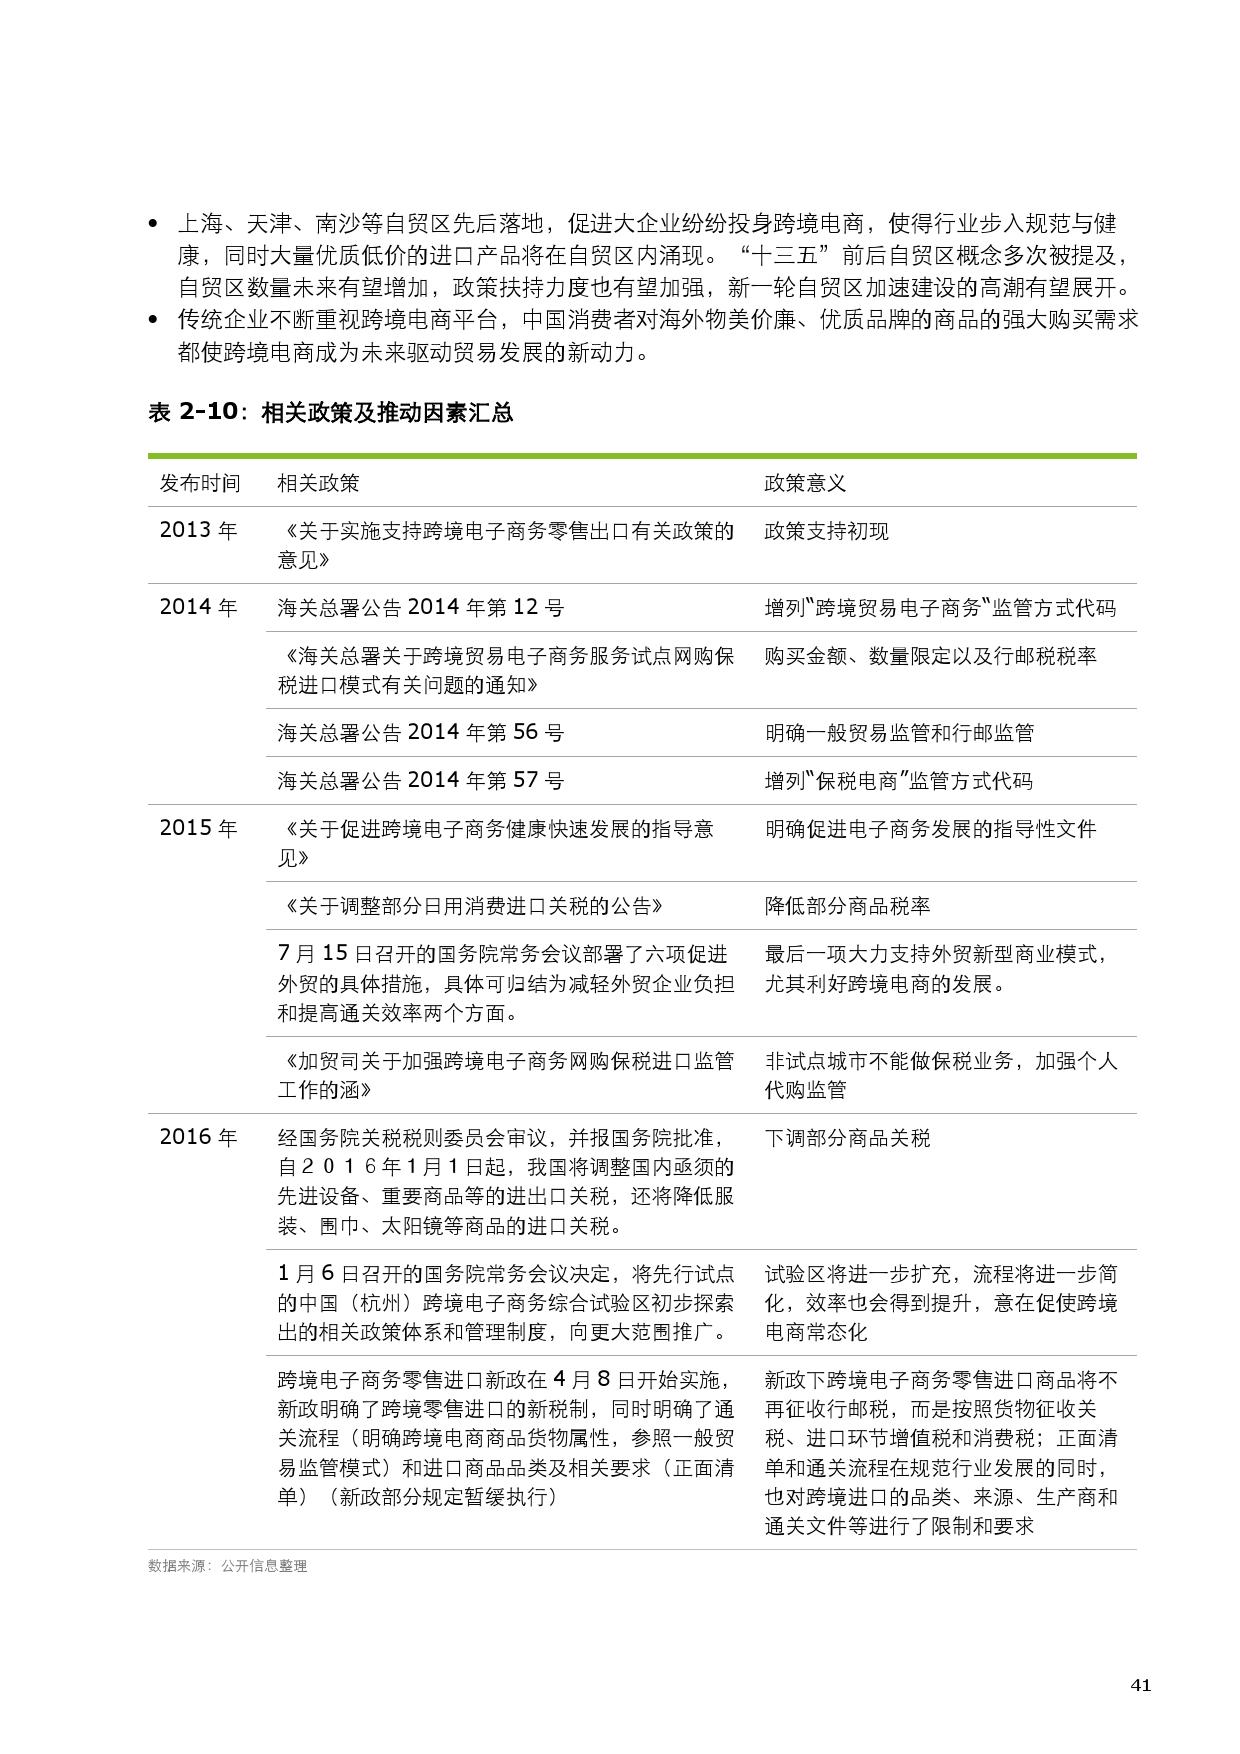 2015中国零售产业投资促进报告_000049